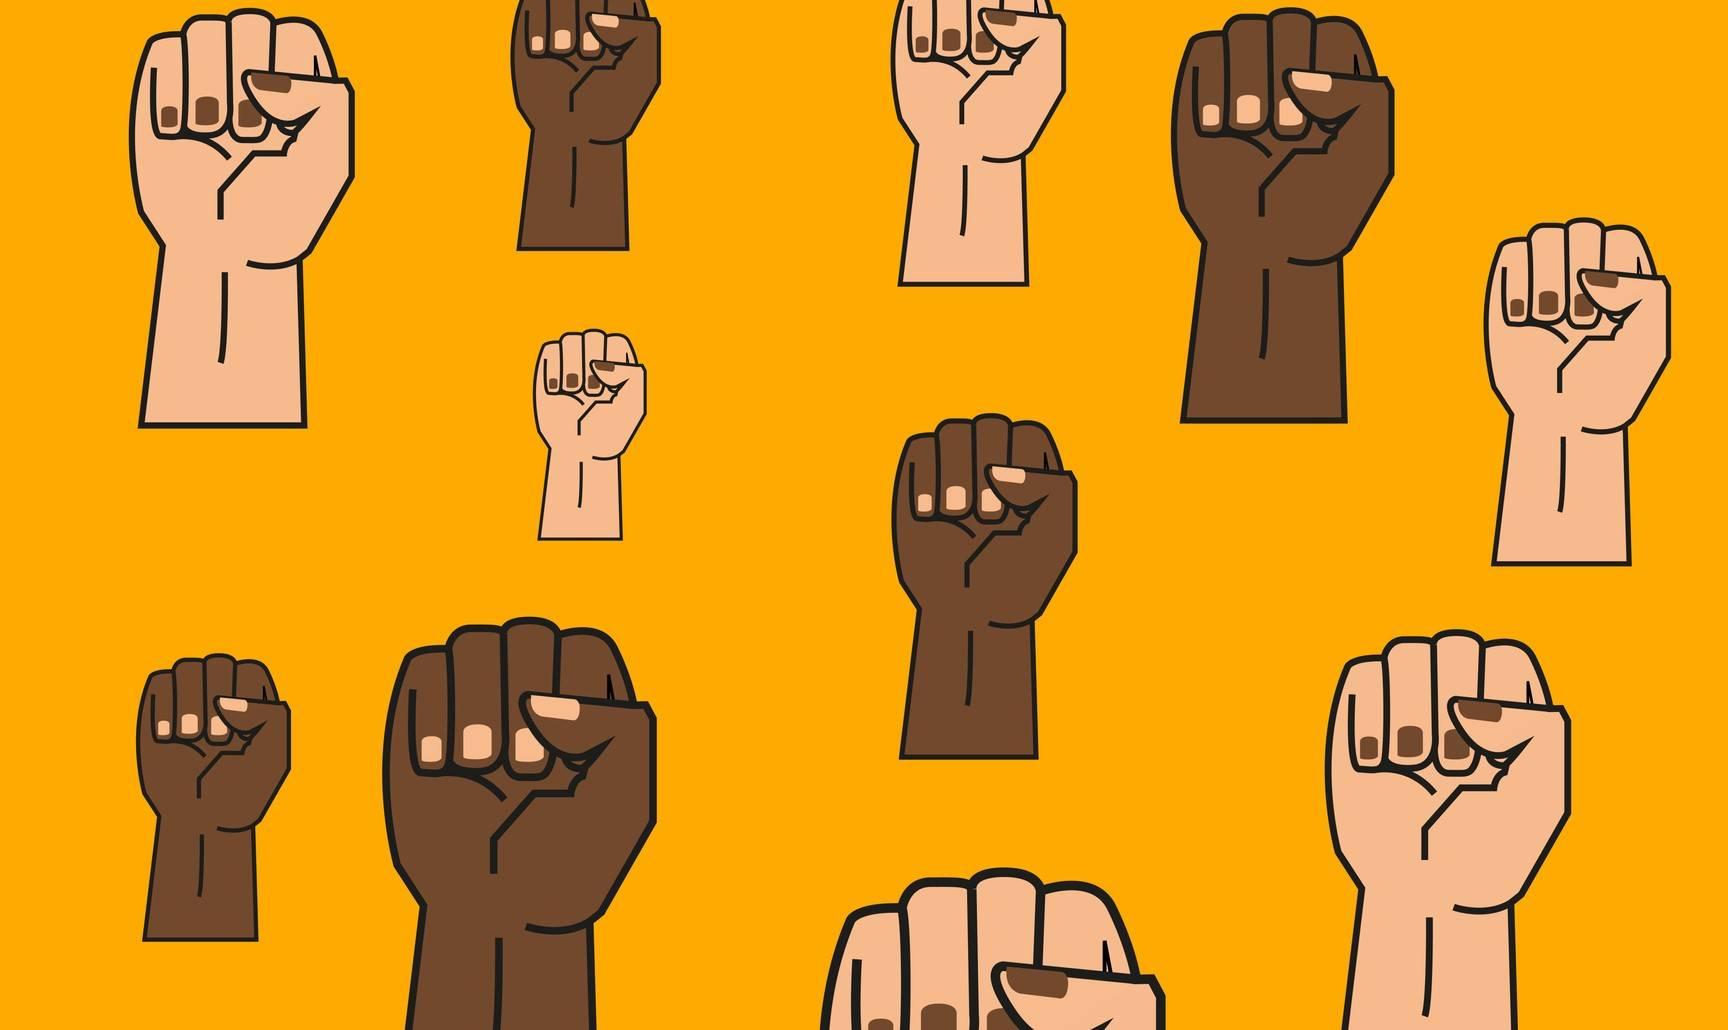 www.juicysantos.com.br - criança preta - o desafio de um futuro sem racismo